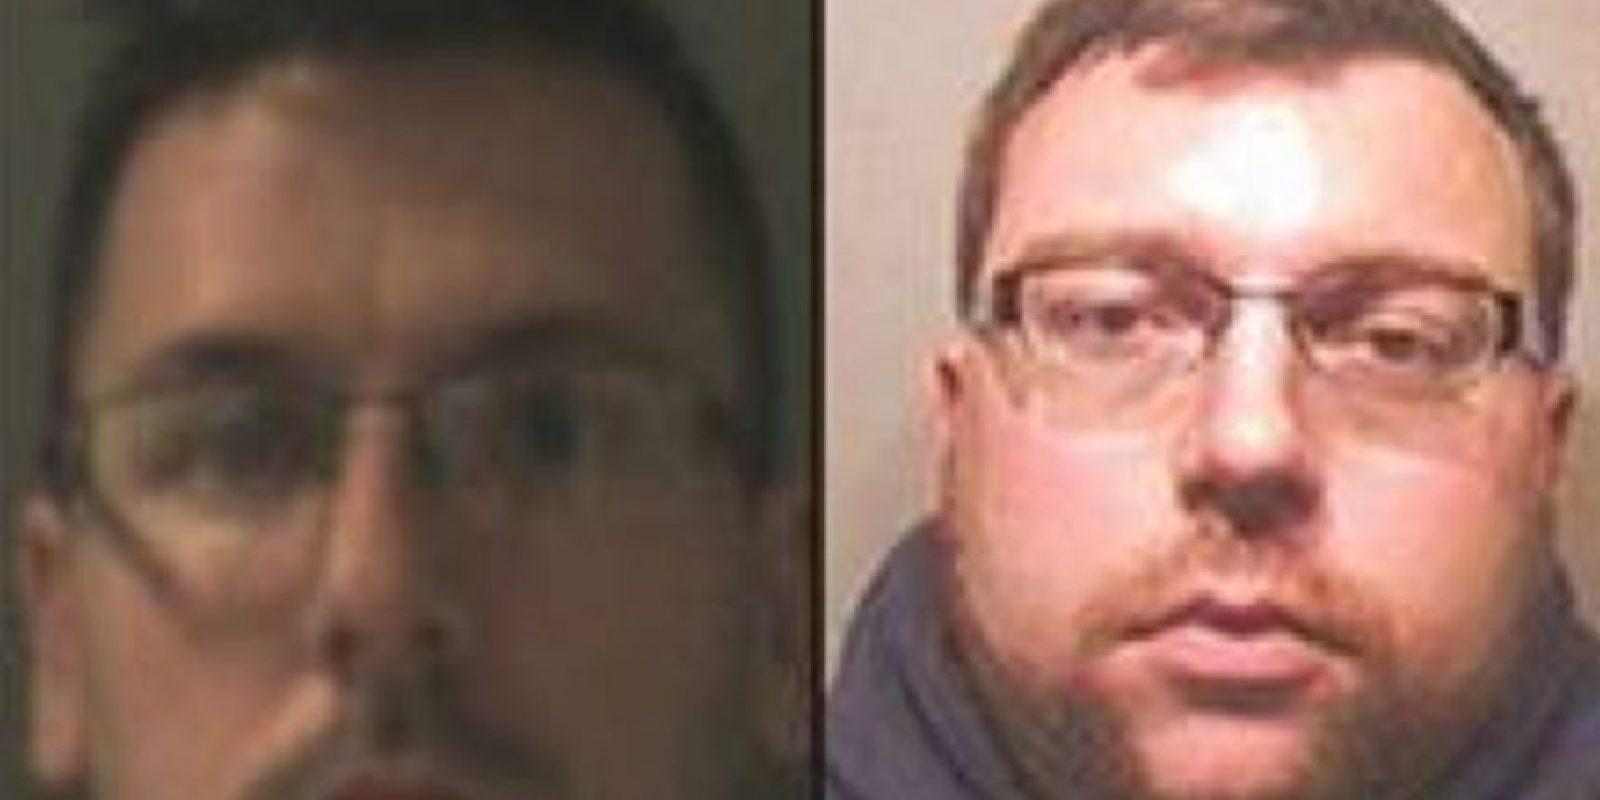 De izquierda a derecha Matthew Stansfield 34 y Robin Hollyson 30 Foto:Vía www.nationalcrimeagency.gov.uk